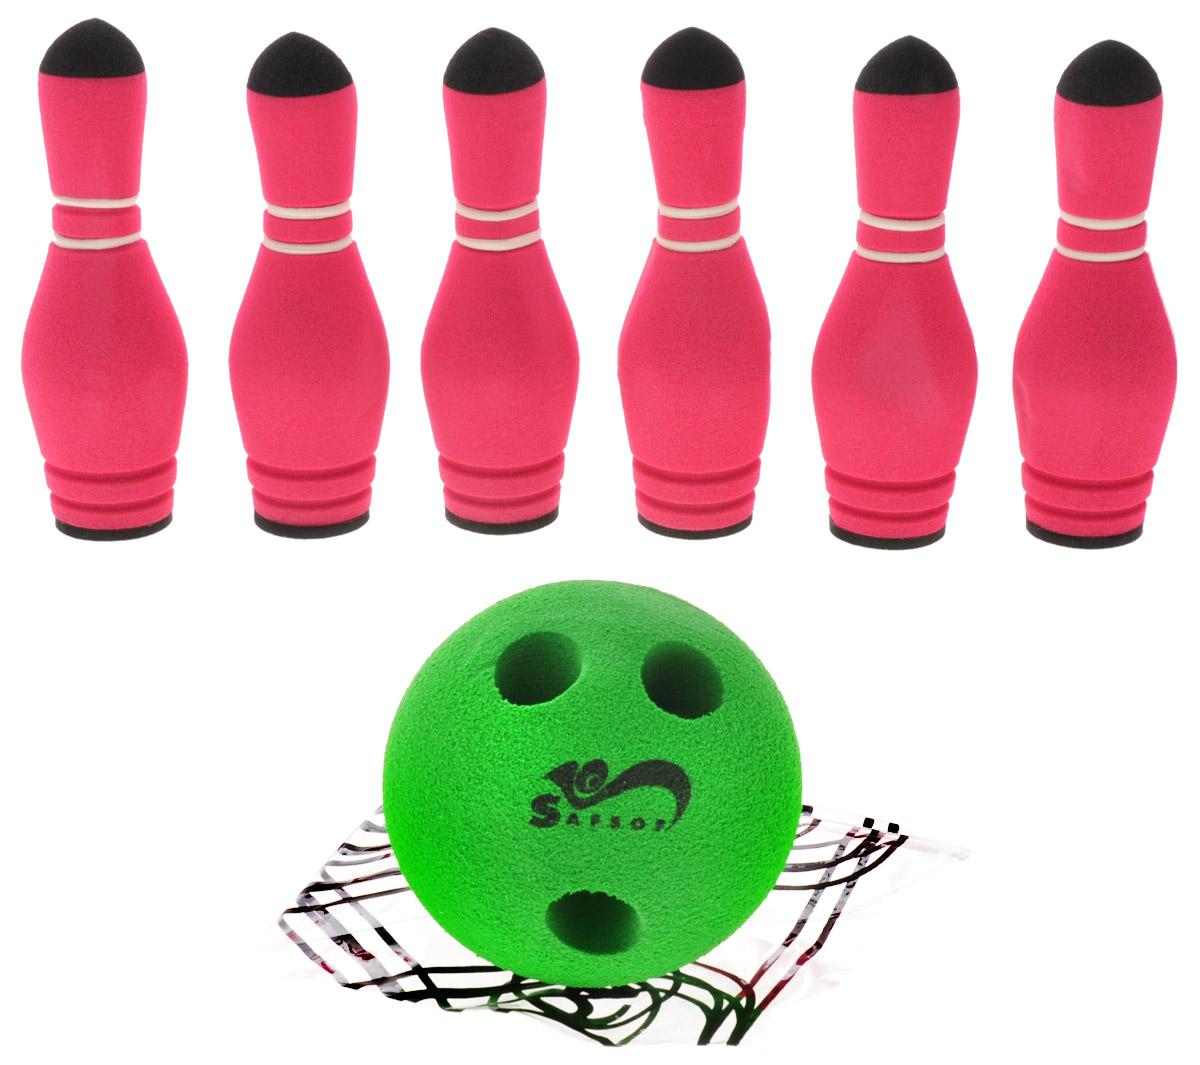 Safsof Игровой набор Мини-боулинг цвет красный зеленый - Игры на открытом воздухе